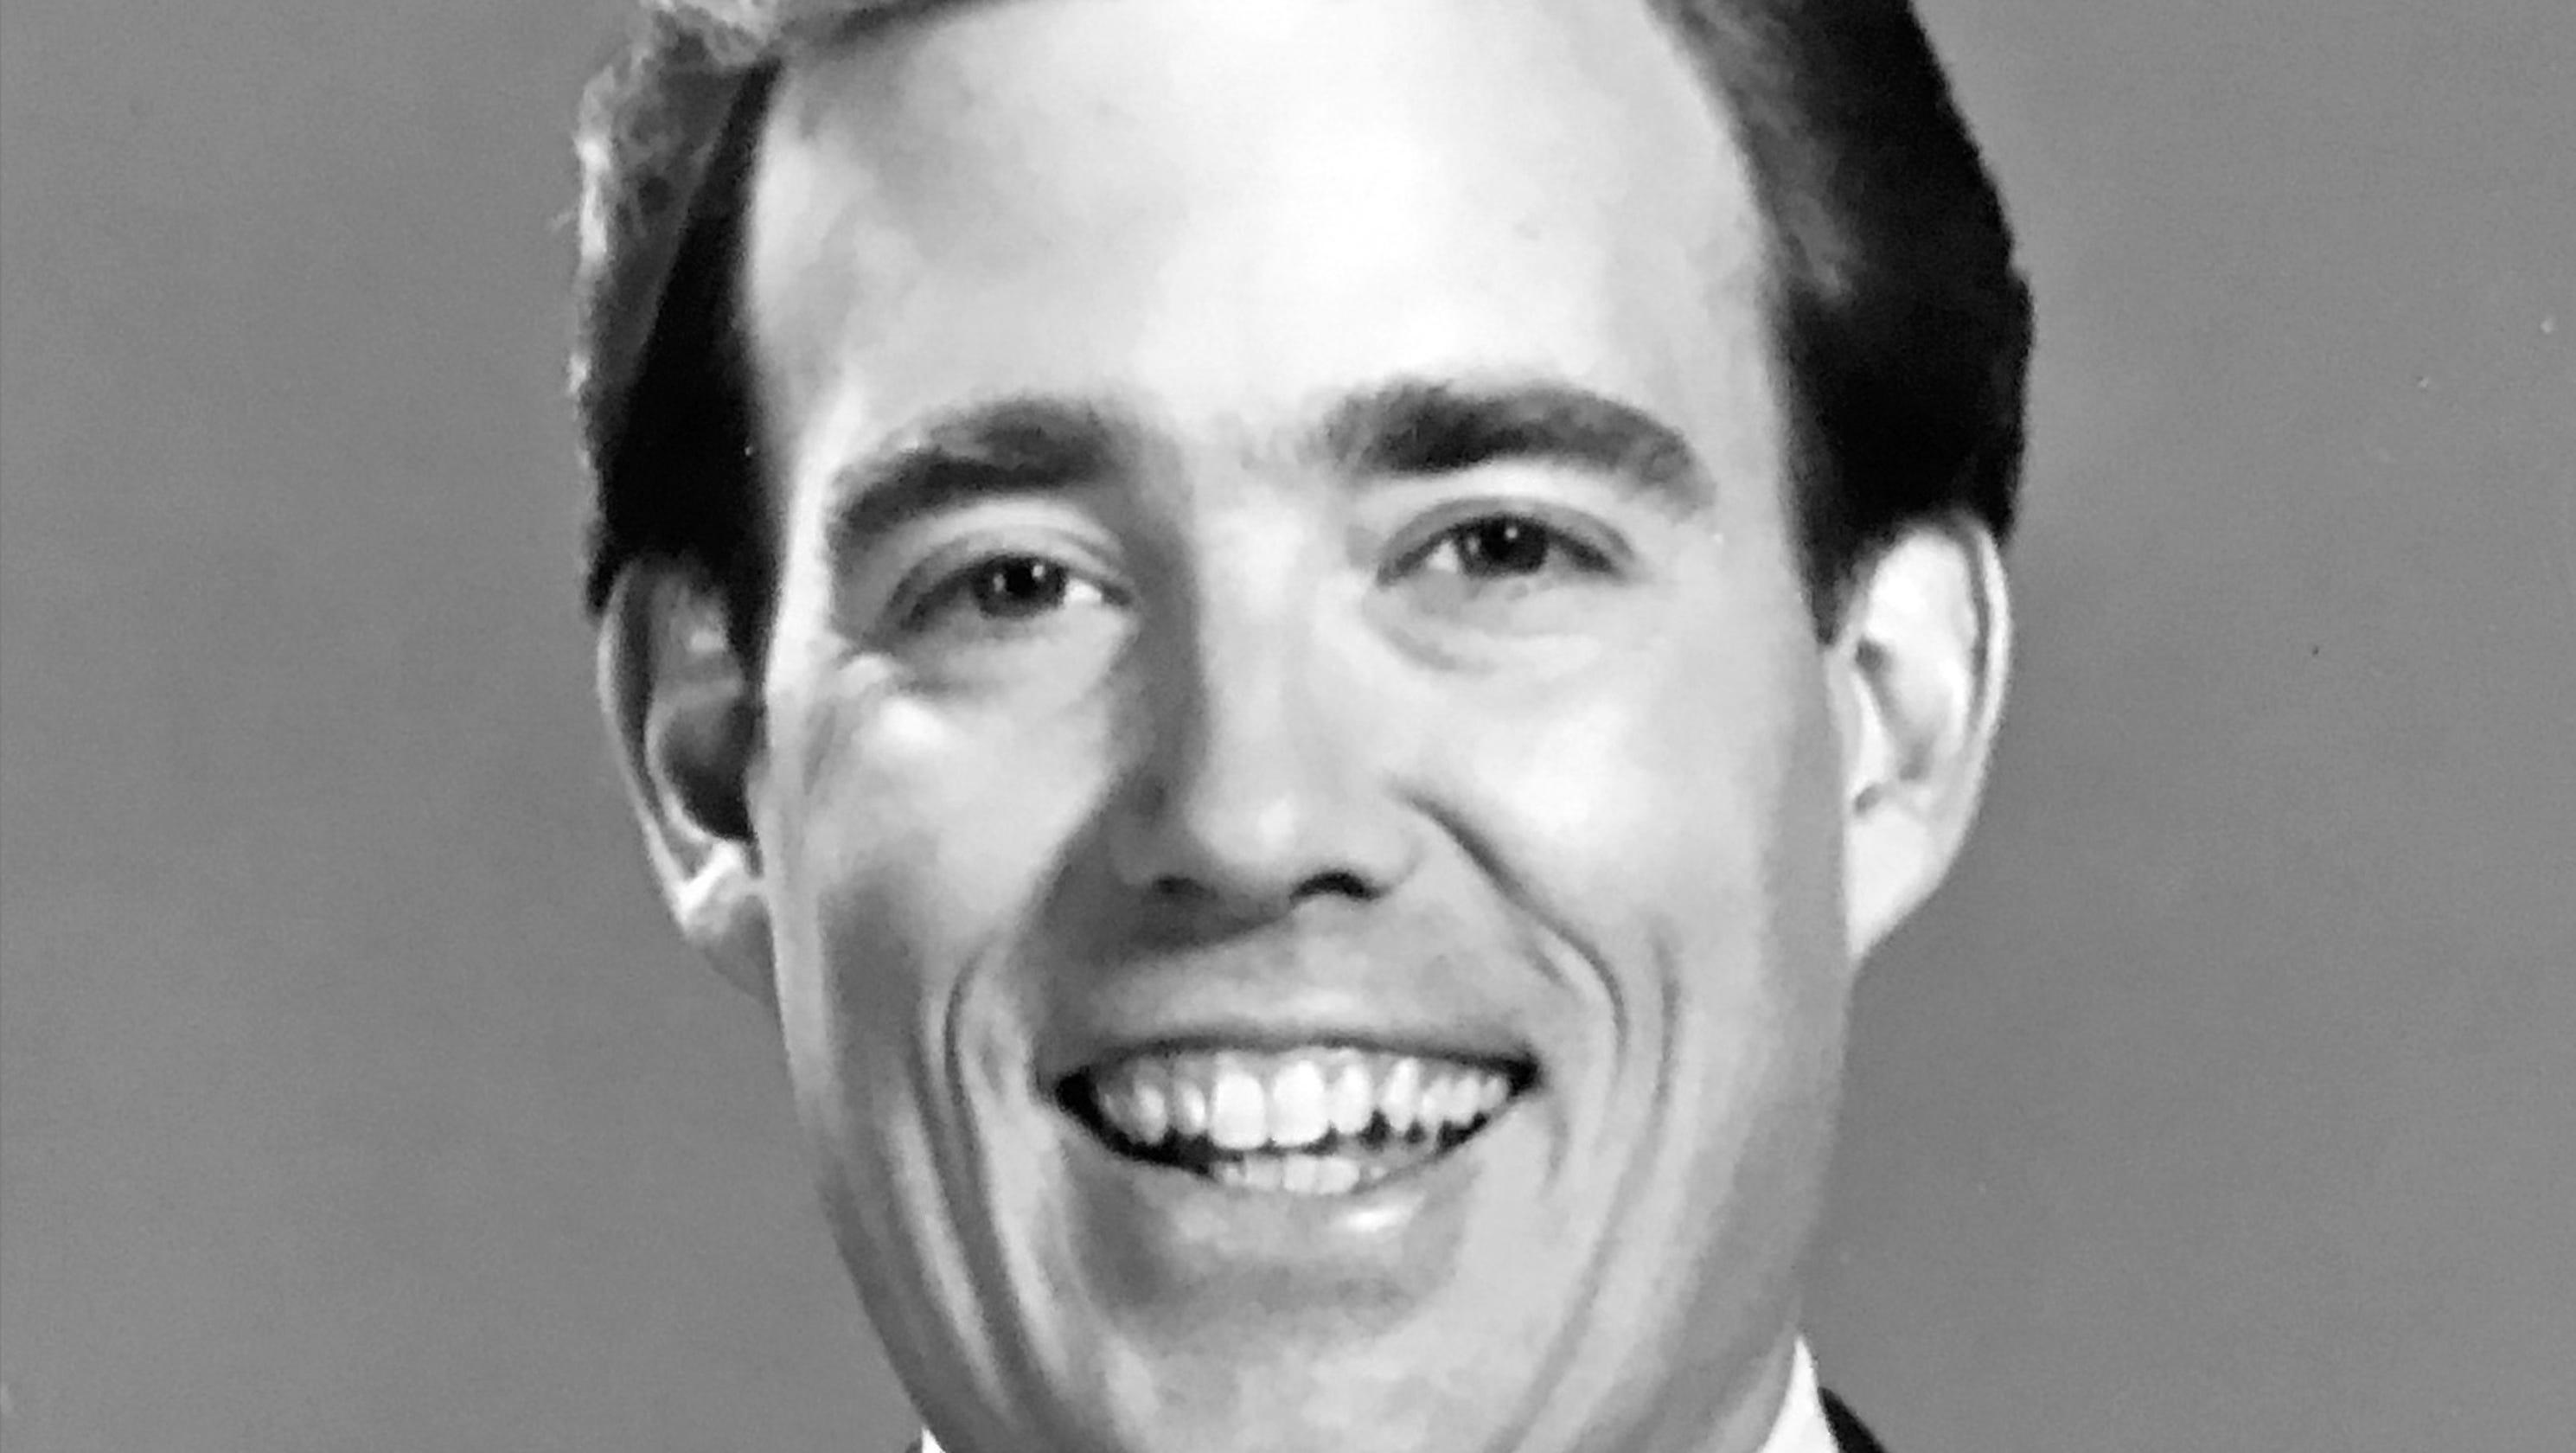 Former WTTV Channel 4 anchor Doug Rafferty dies